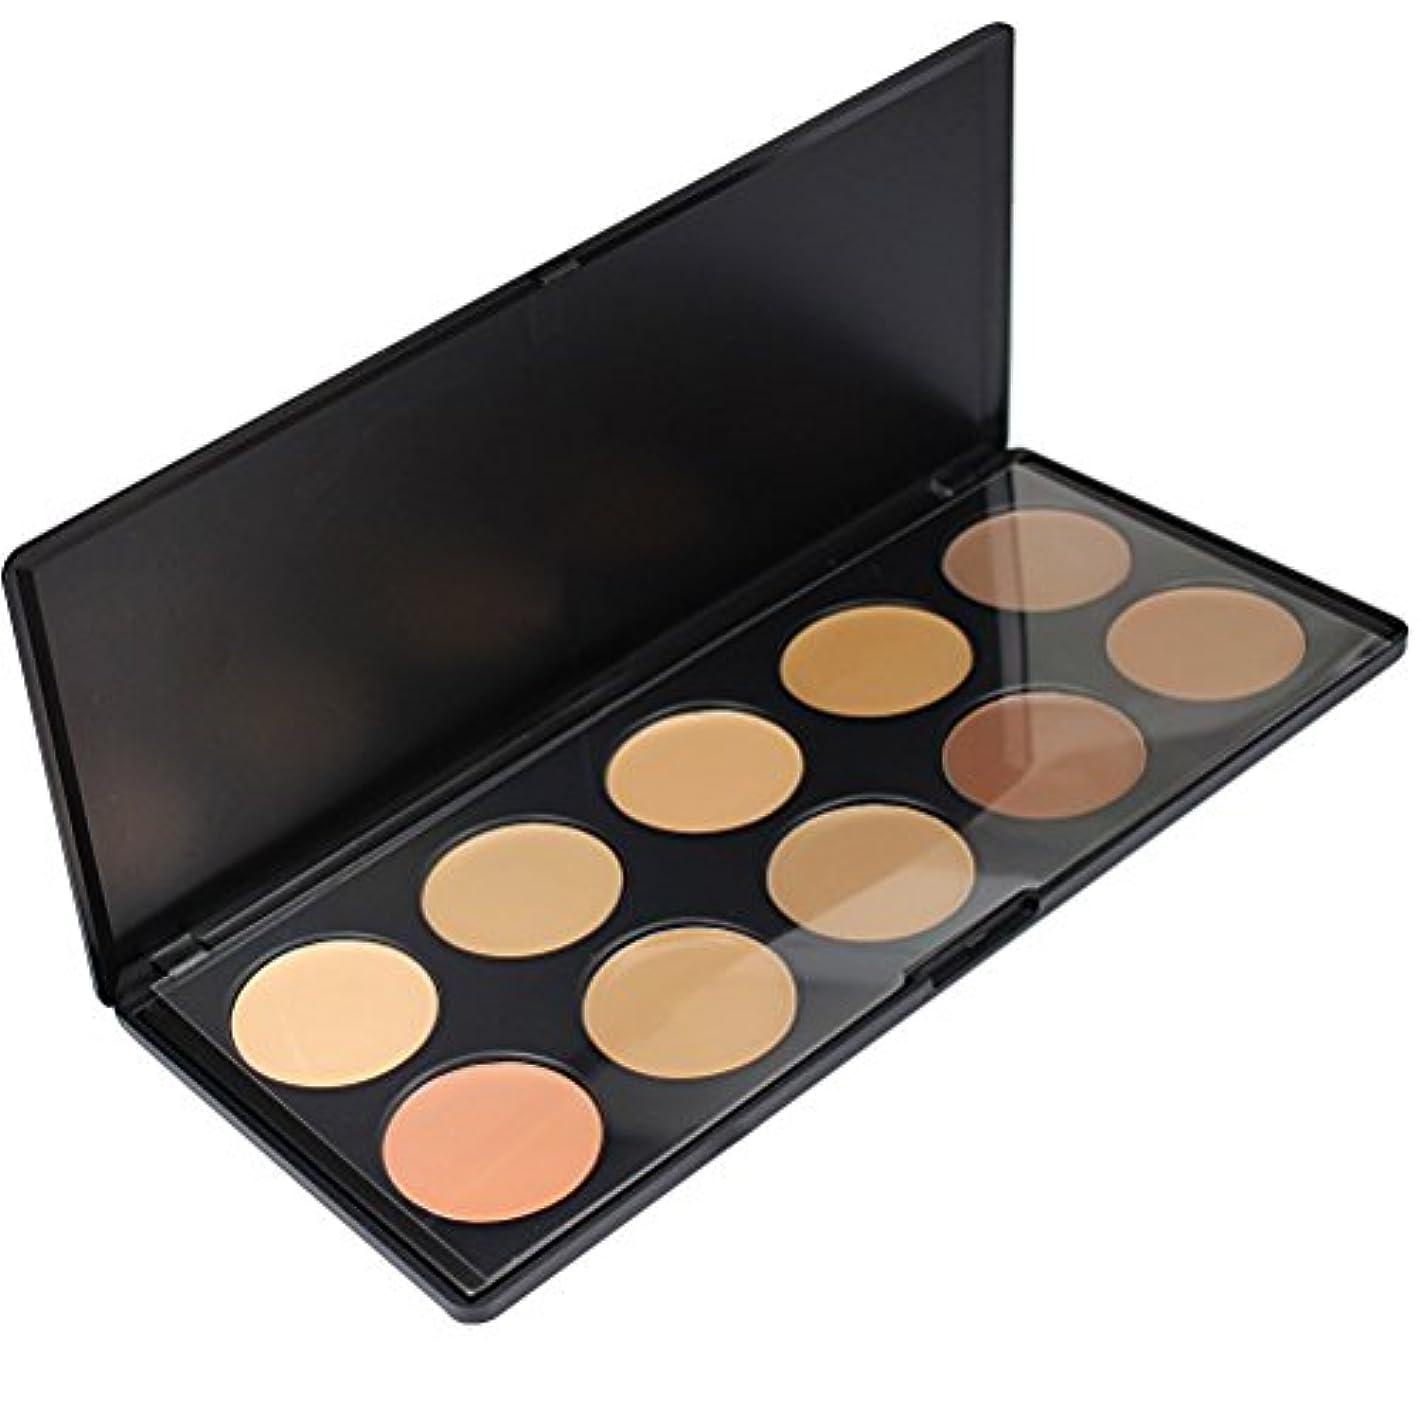 リーフレットクリスマストークメイクアップエーシーシー (MakeupAcc) 10色コンシーラーパレット アイシャドウパレット メイクアップセット [並行輸入品]